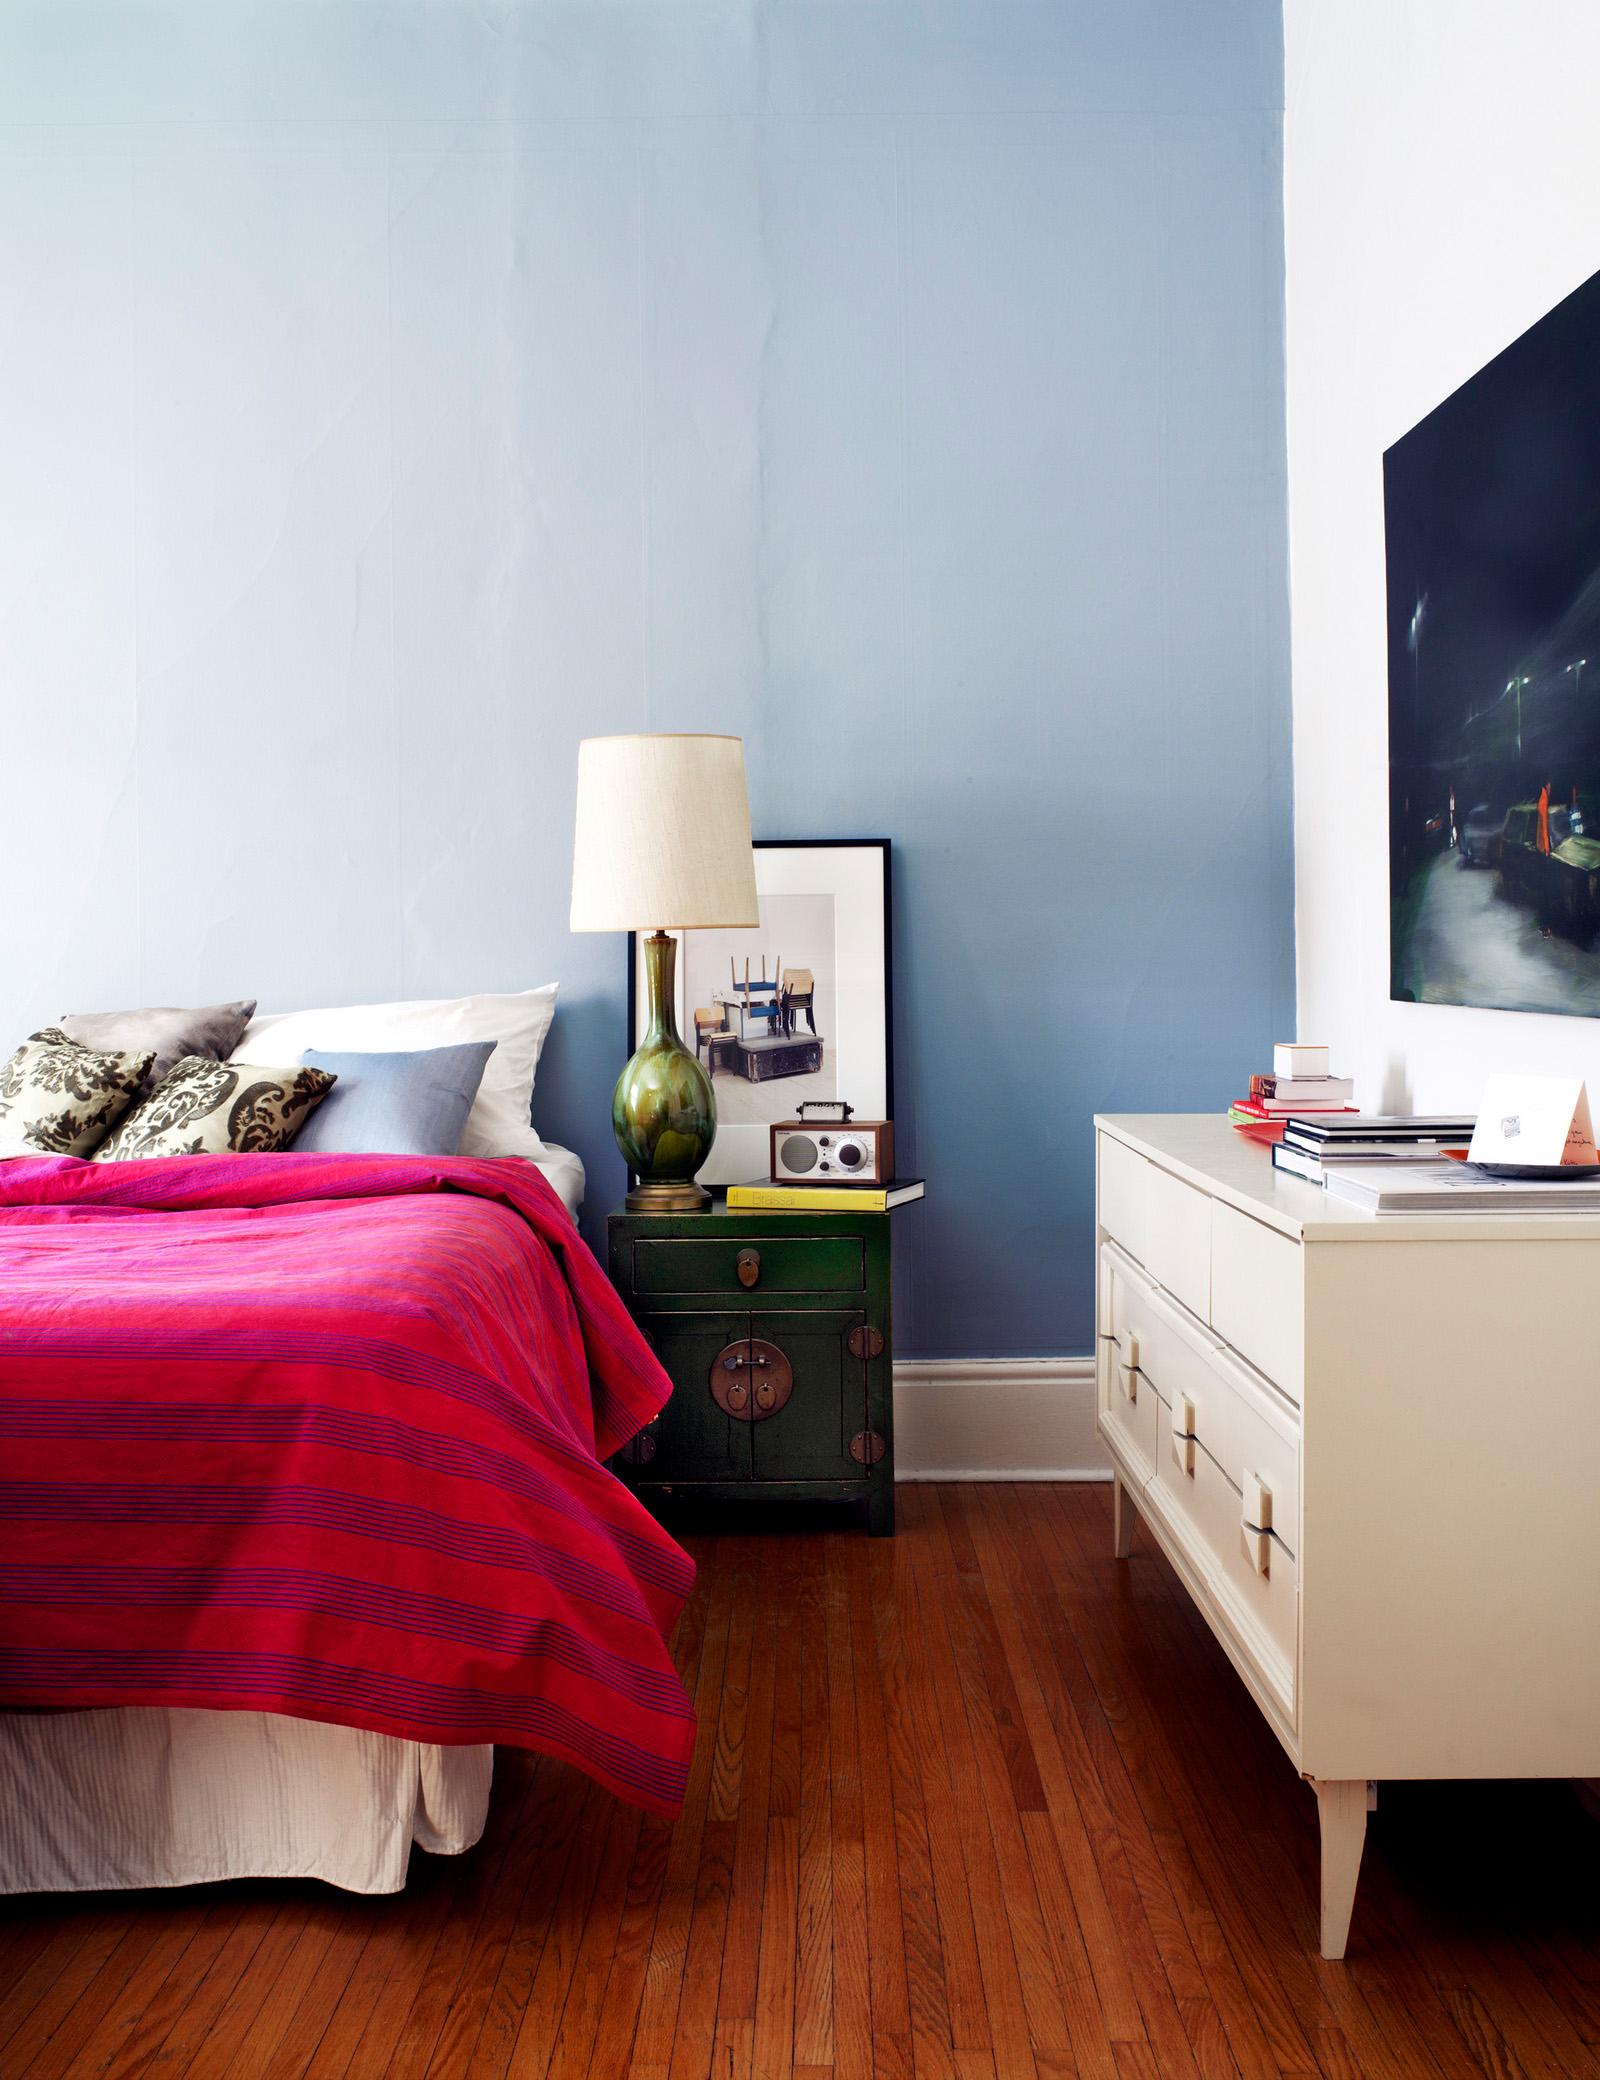 218807-10854068-bedroom_2_jpg.jpg